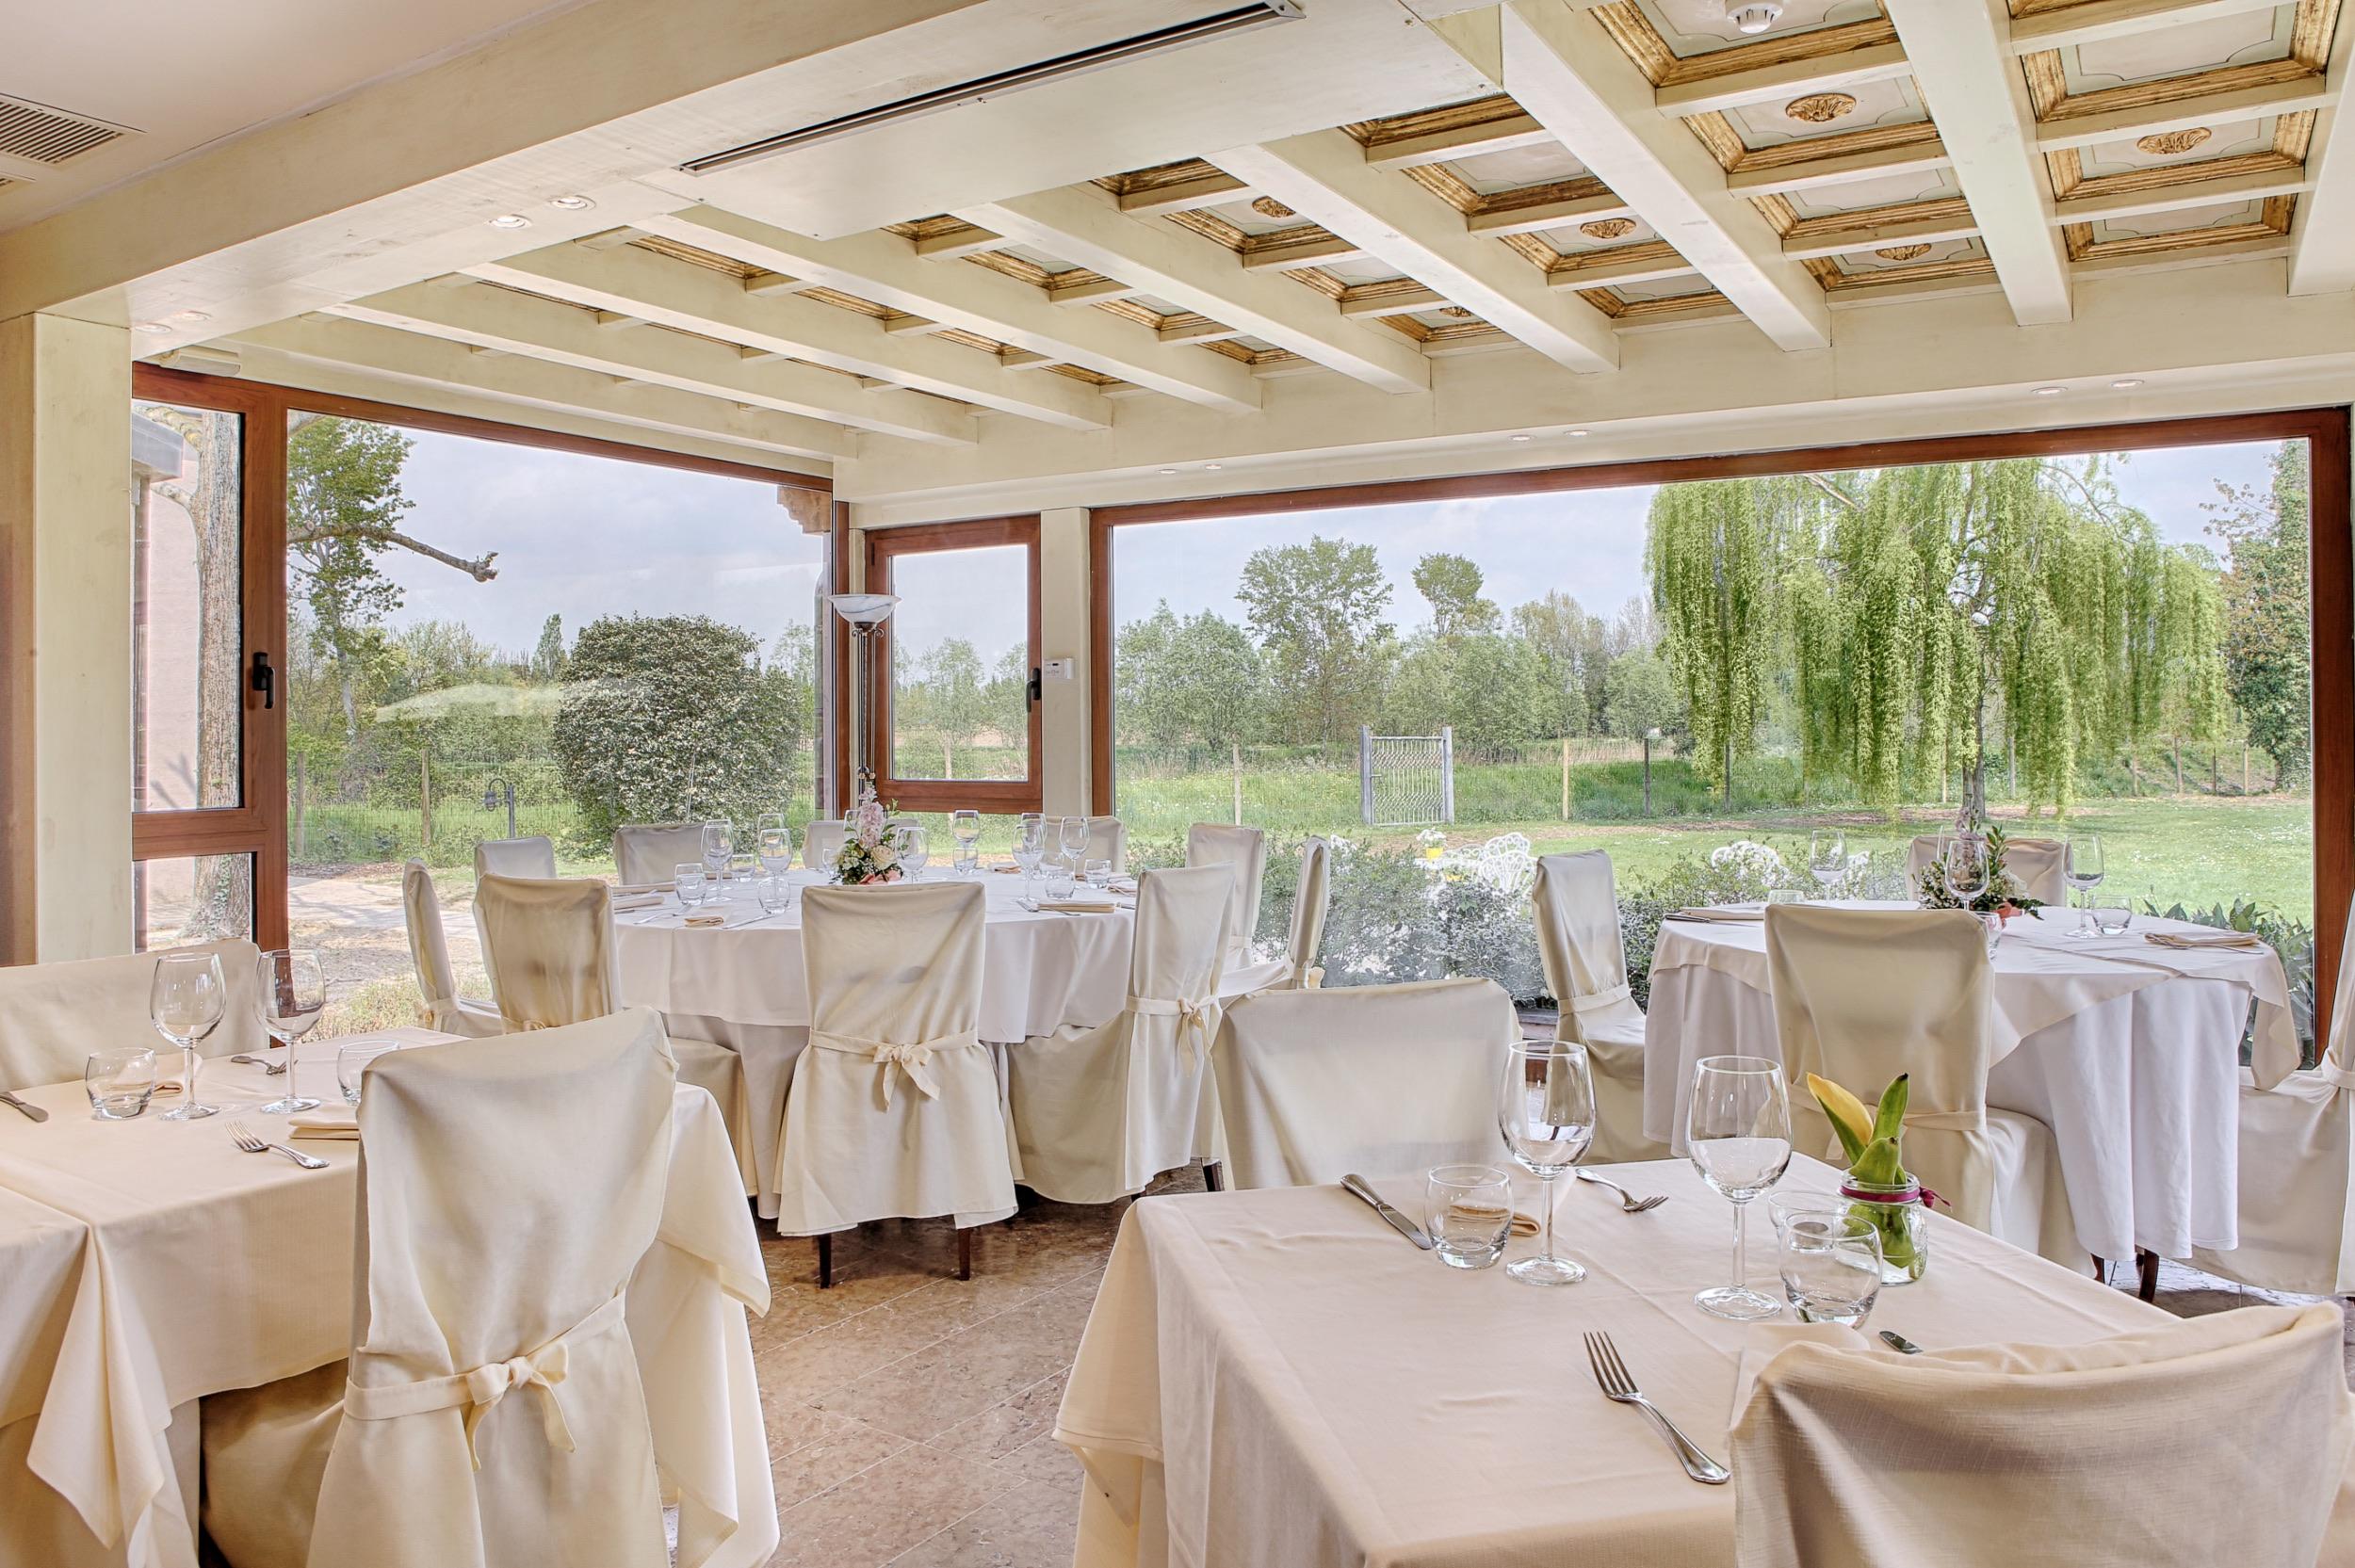 Ristorante a quarto d 39 altino ristorante la corte - Arte bagno veneta quarto d altino ...